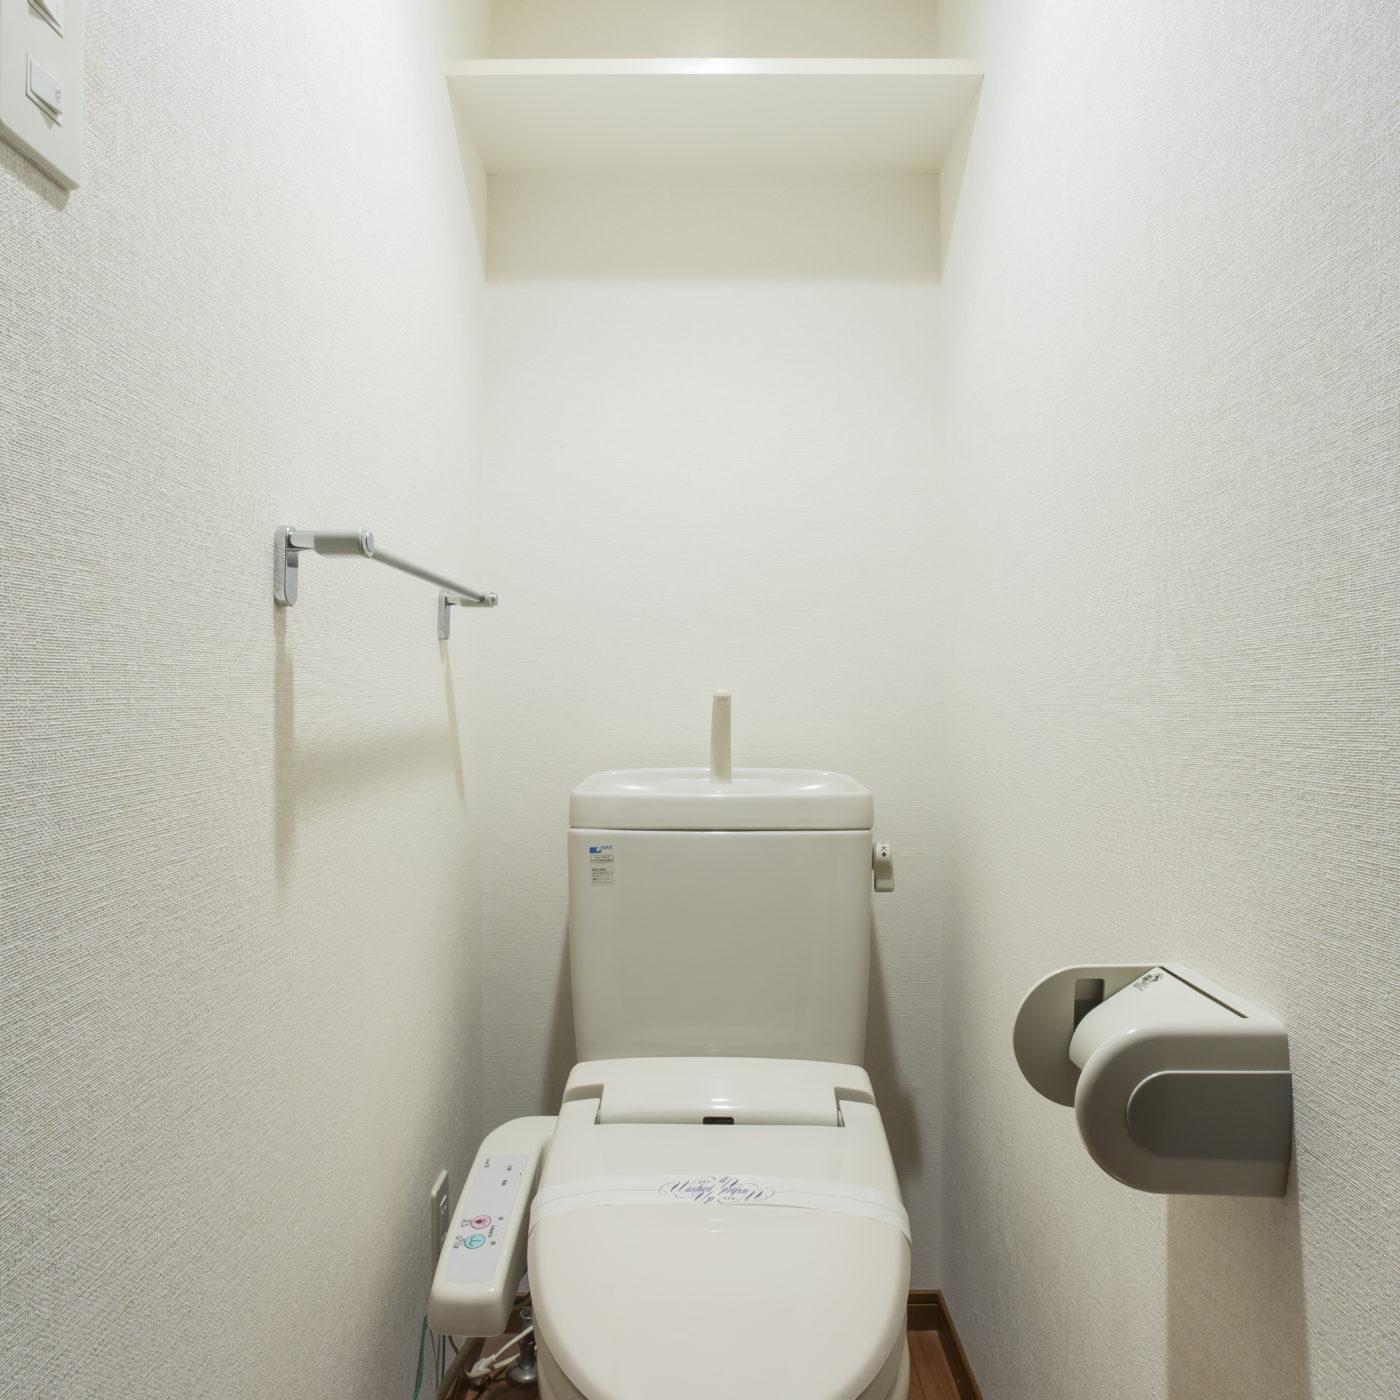 九州大学 伊都 賃貸 メゾン・トルテット Aタイプ 内観写真